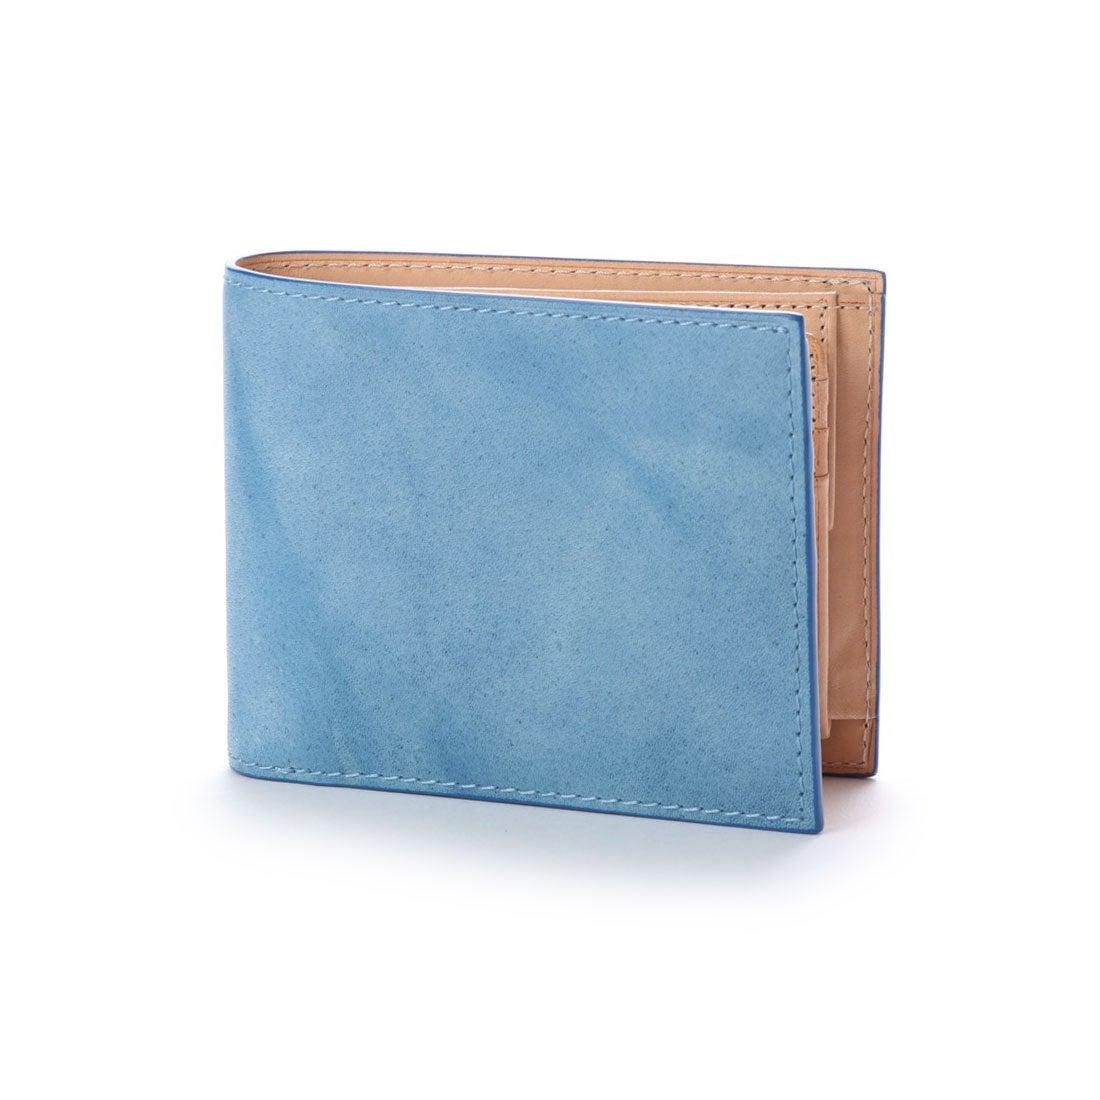 b18295c1f950 バギーポート コーアイ BAGGY PORT KOI 【MORITA & Co.】 藍染めレザー 二つ折り財布 (ブルー) -靴&ファッション通販  ロコンド〜自宅で試着、気軽に返品